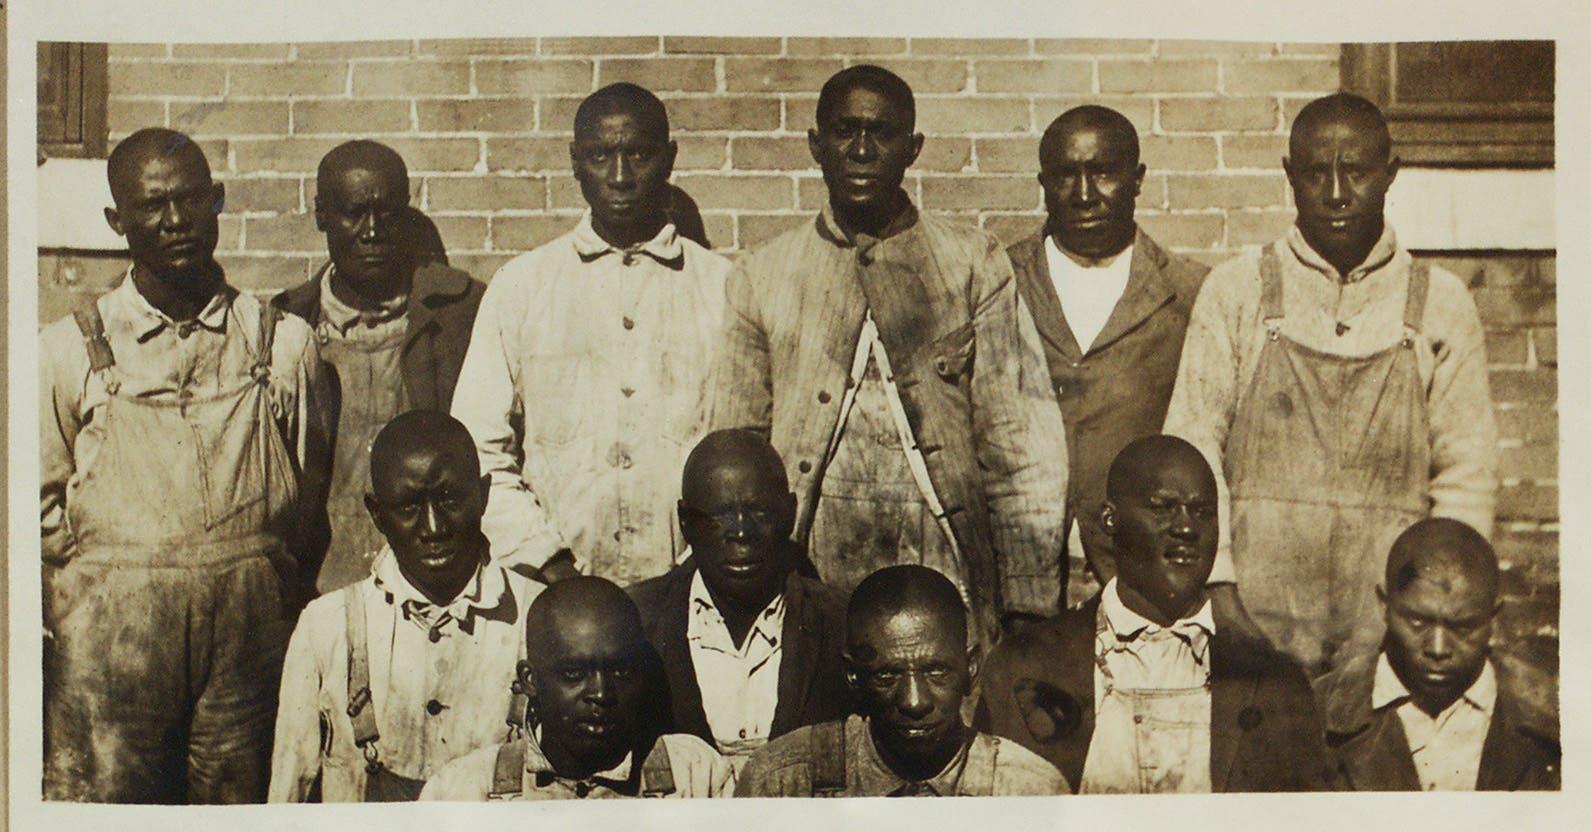 صورة للاثني عشر شخصا المتهمين بإثارة أعمال العنف بإلين وتمت تبرئتهم لاحقا